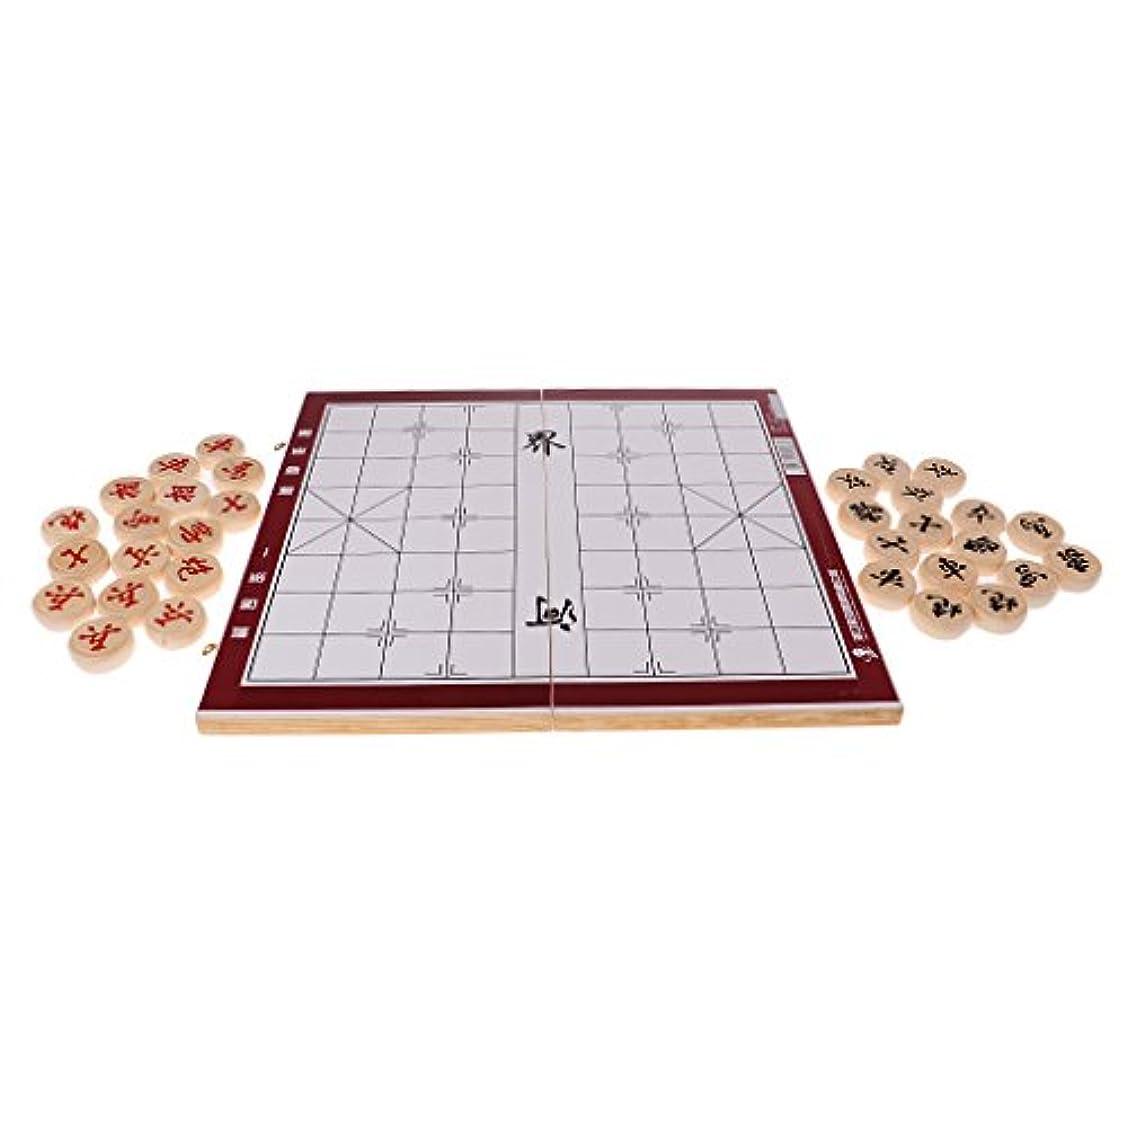 トレイル条件付きスマートsharprepublic チェスボード チェスピース シャンチー 折りたたみ式 木製 ゲーム チェス愛好家 贈り物 全3選択 - チェス直径4.0cm